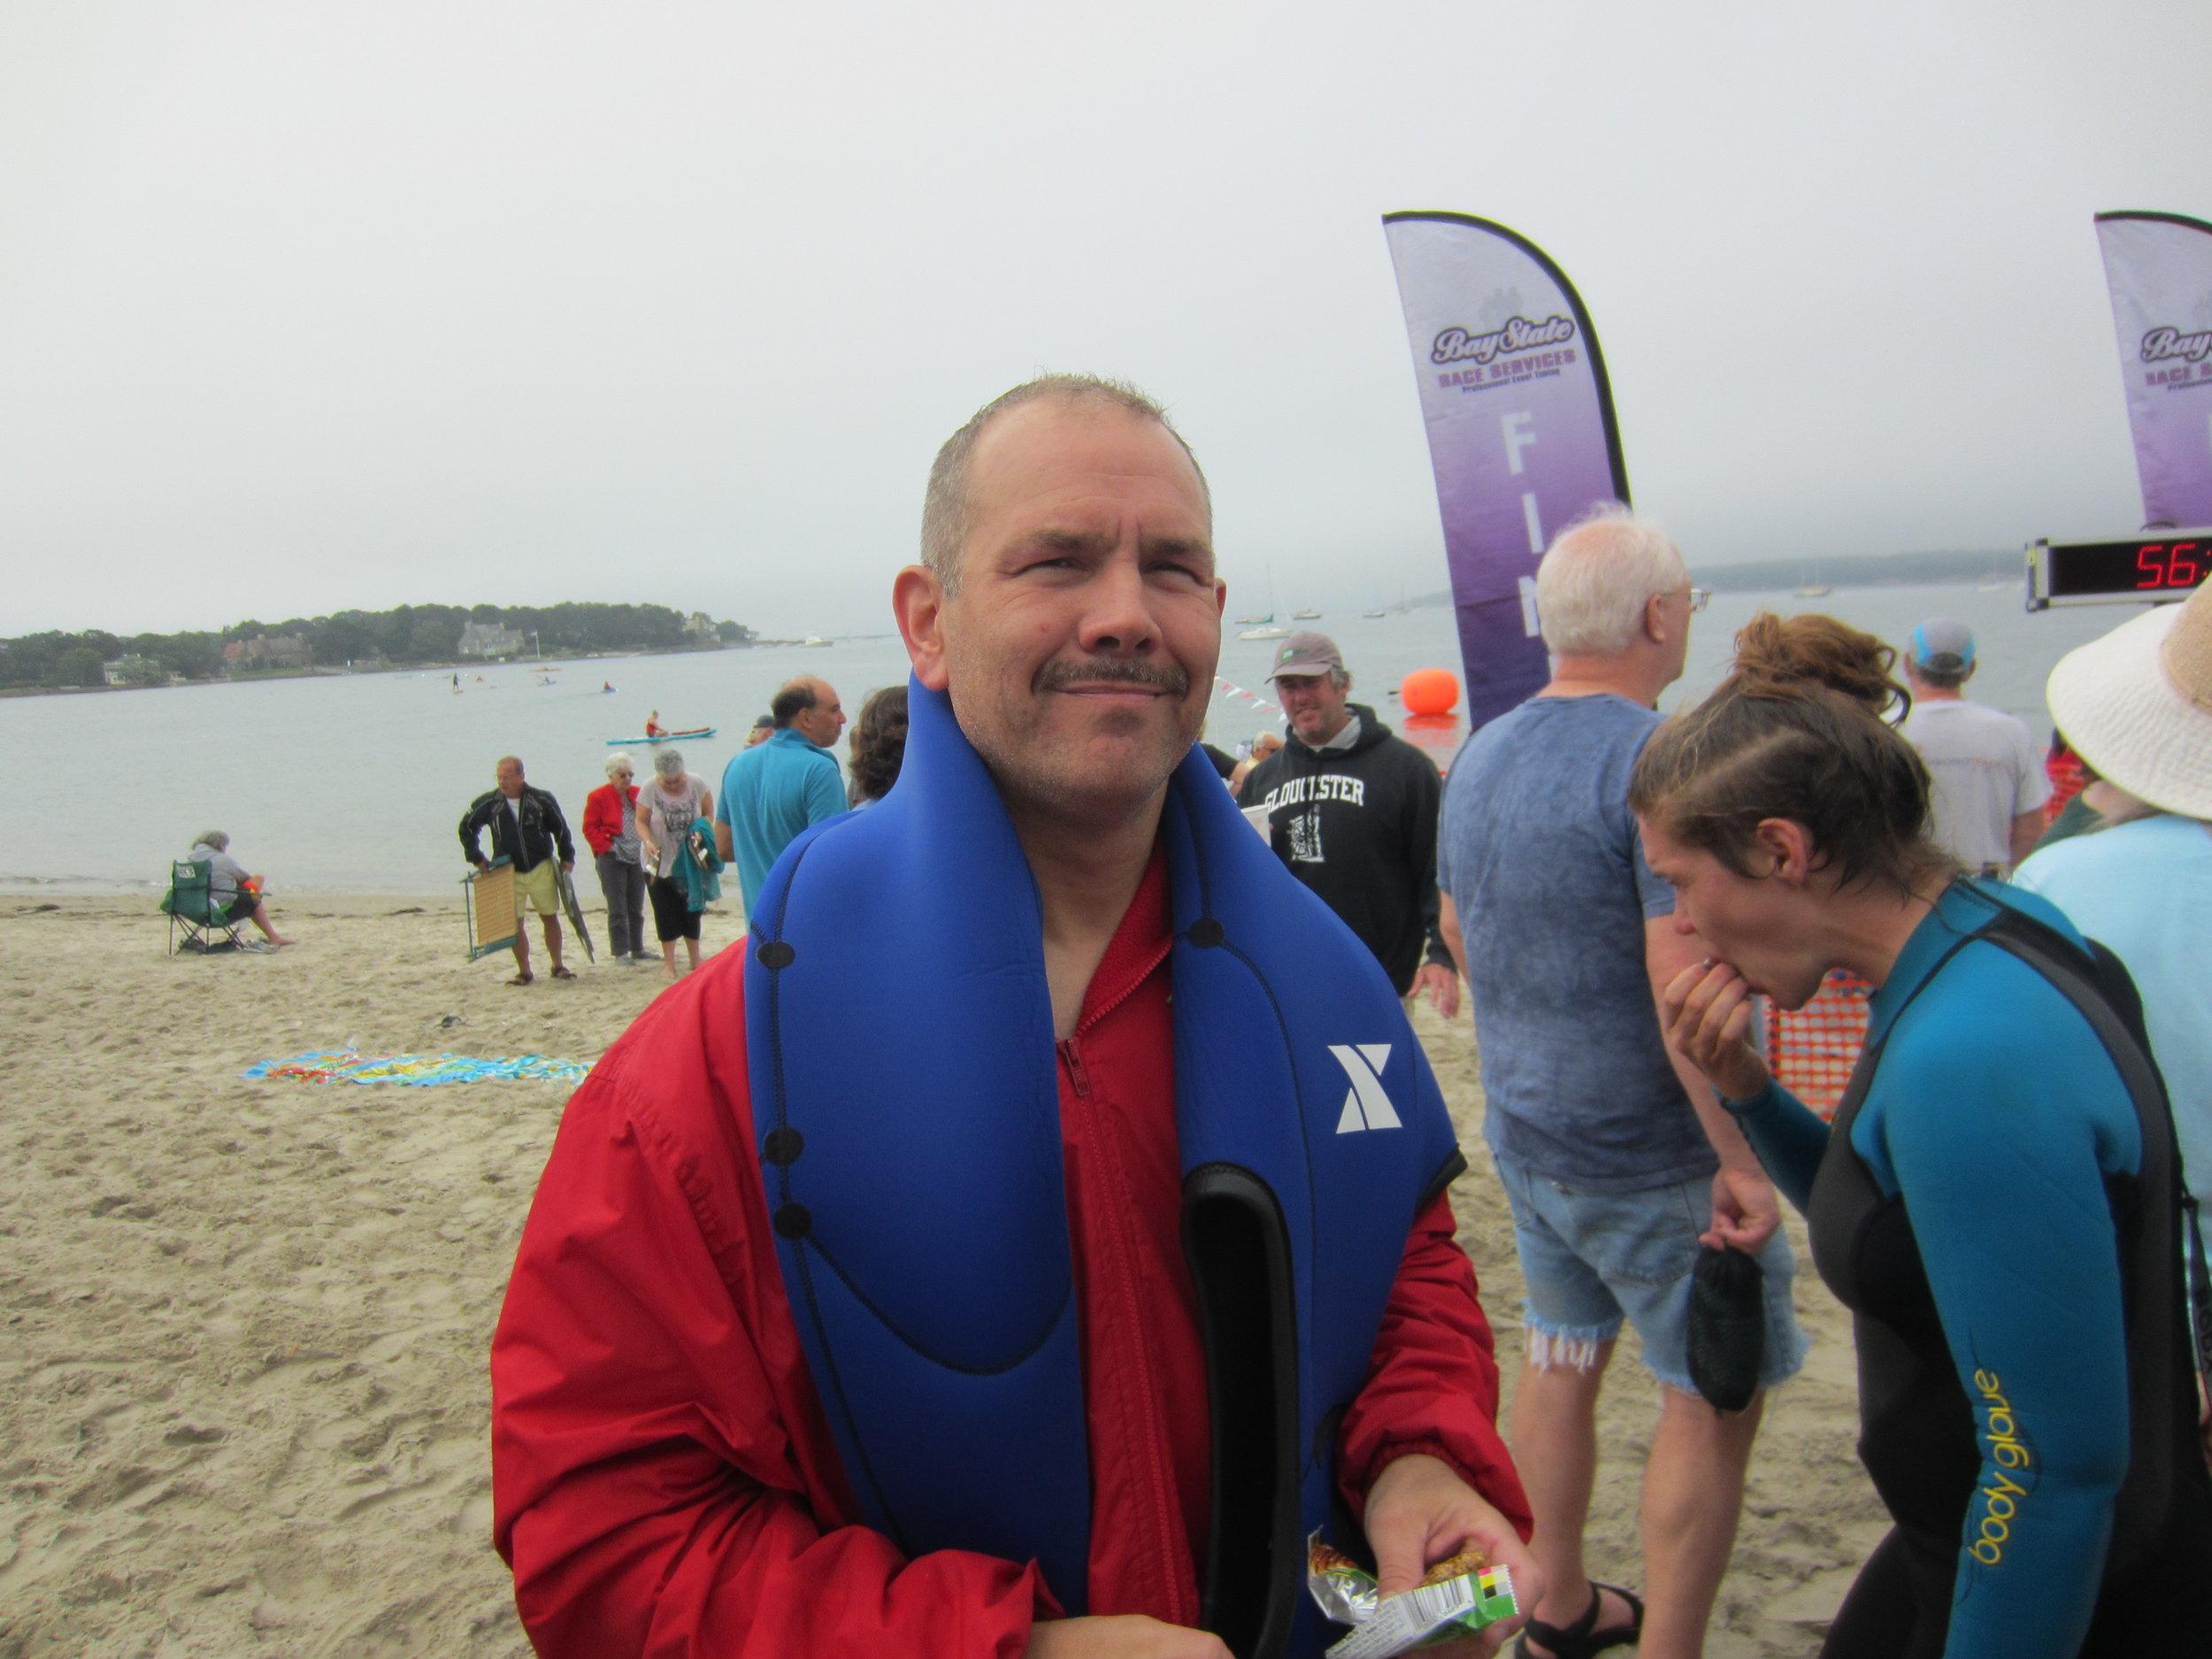 NE LMSC Treasurer and ANA swimmer Al Prescott